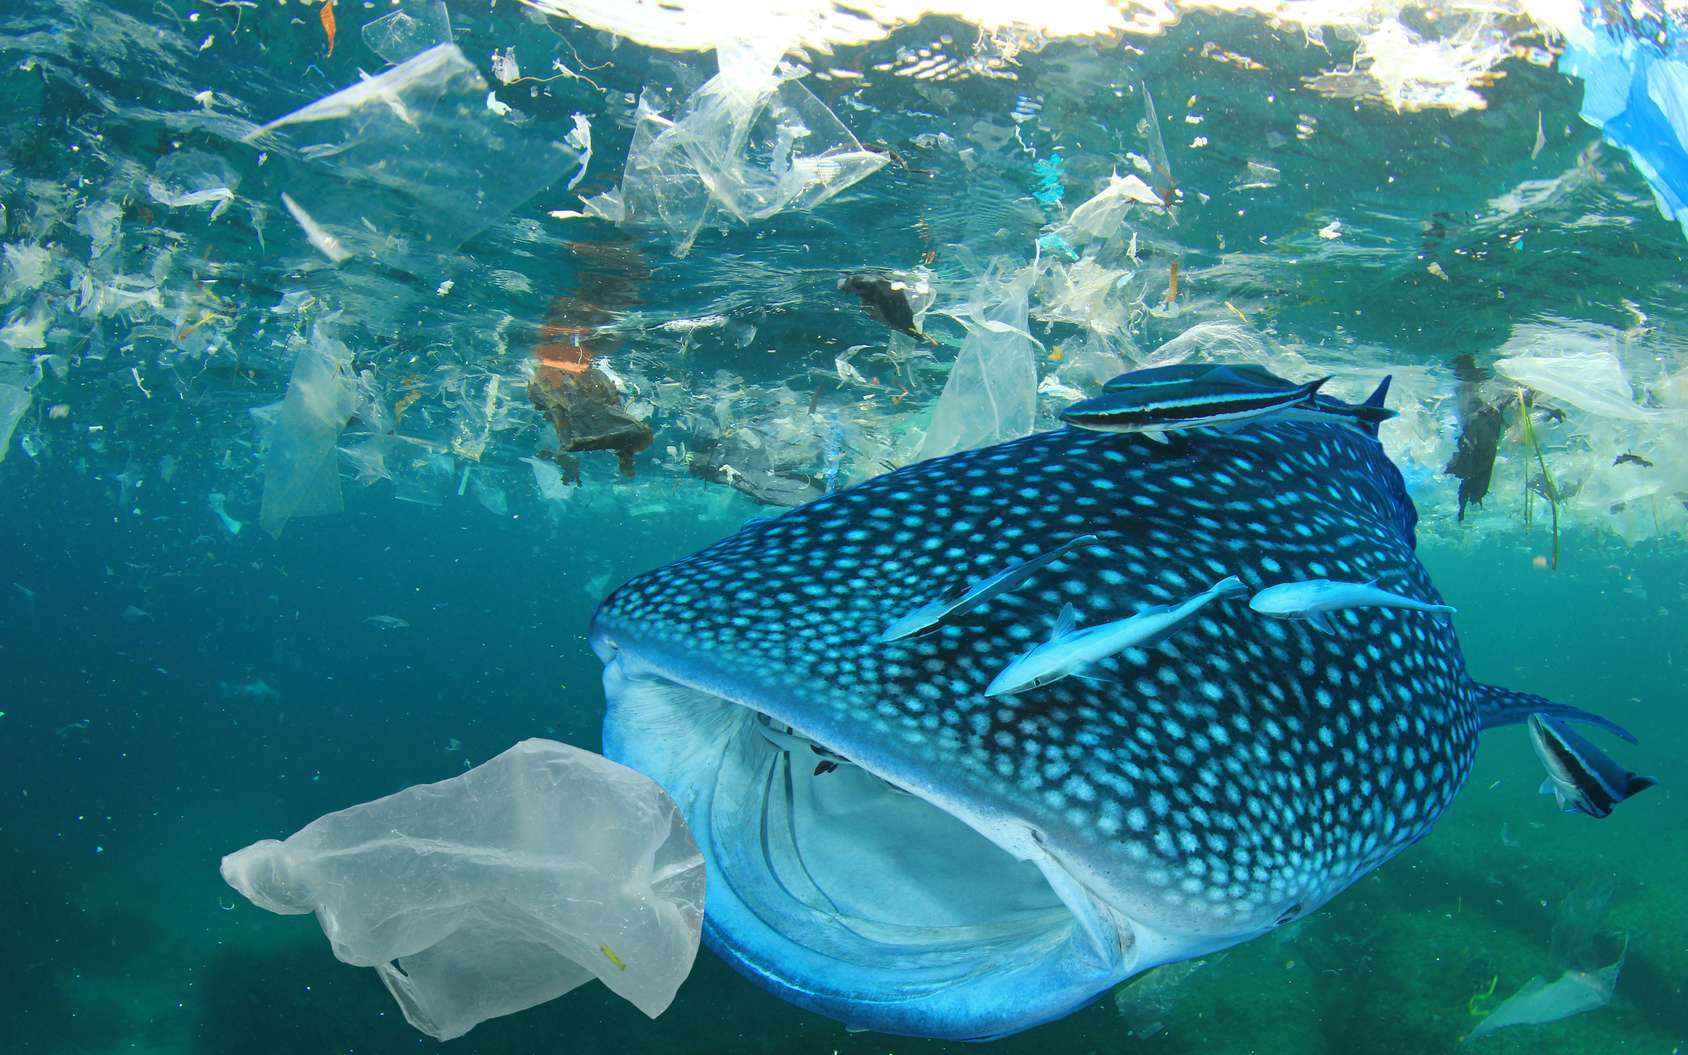 Les déchets plastique dans les océans menacent la biodiversité marine. Leur quantité pourrait doubler d'ici 2030, d'après un rapport du WWF. © Richard Carey, Fotolia